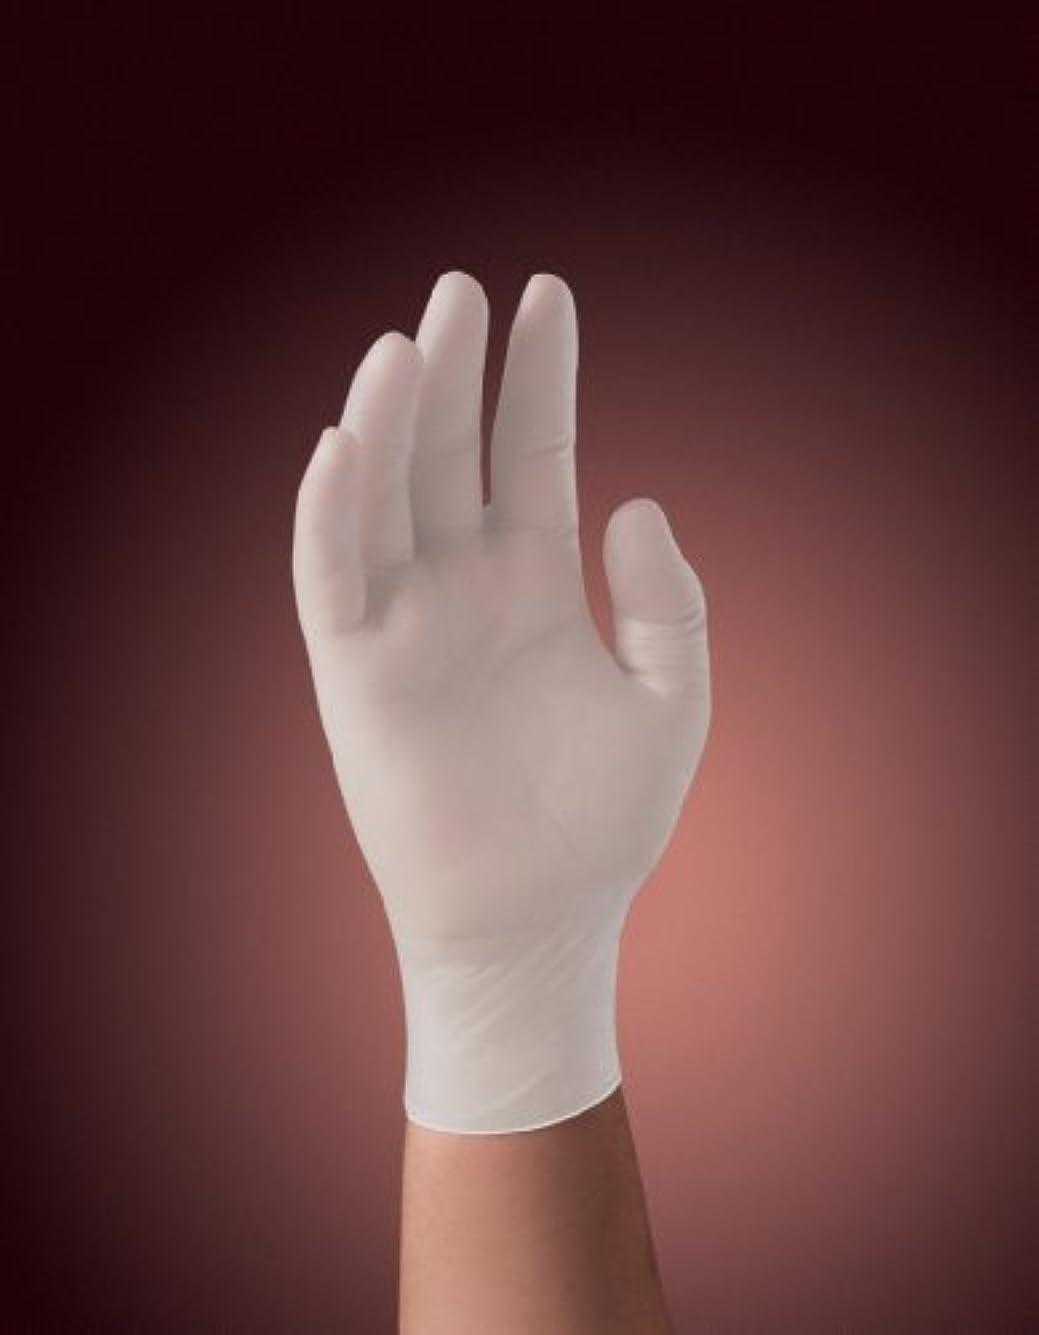 伝統的コショウ追加するPowder-Free Latex-Free Vinyl Exam Glove by Kimberly Clark ( GLOVE, EXAM, VINYL, SMALL, POWDER FREE ) 1000 Each / Case by Kimberly-Clark